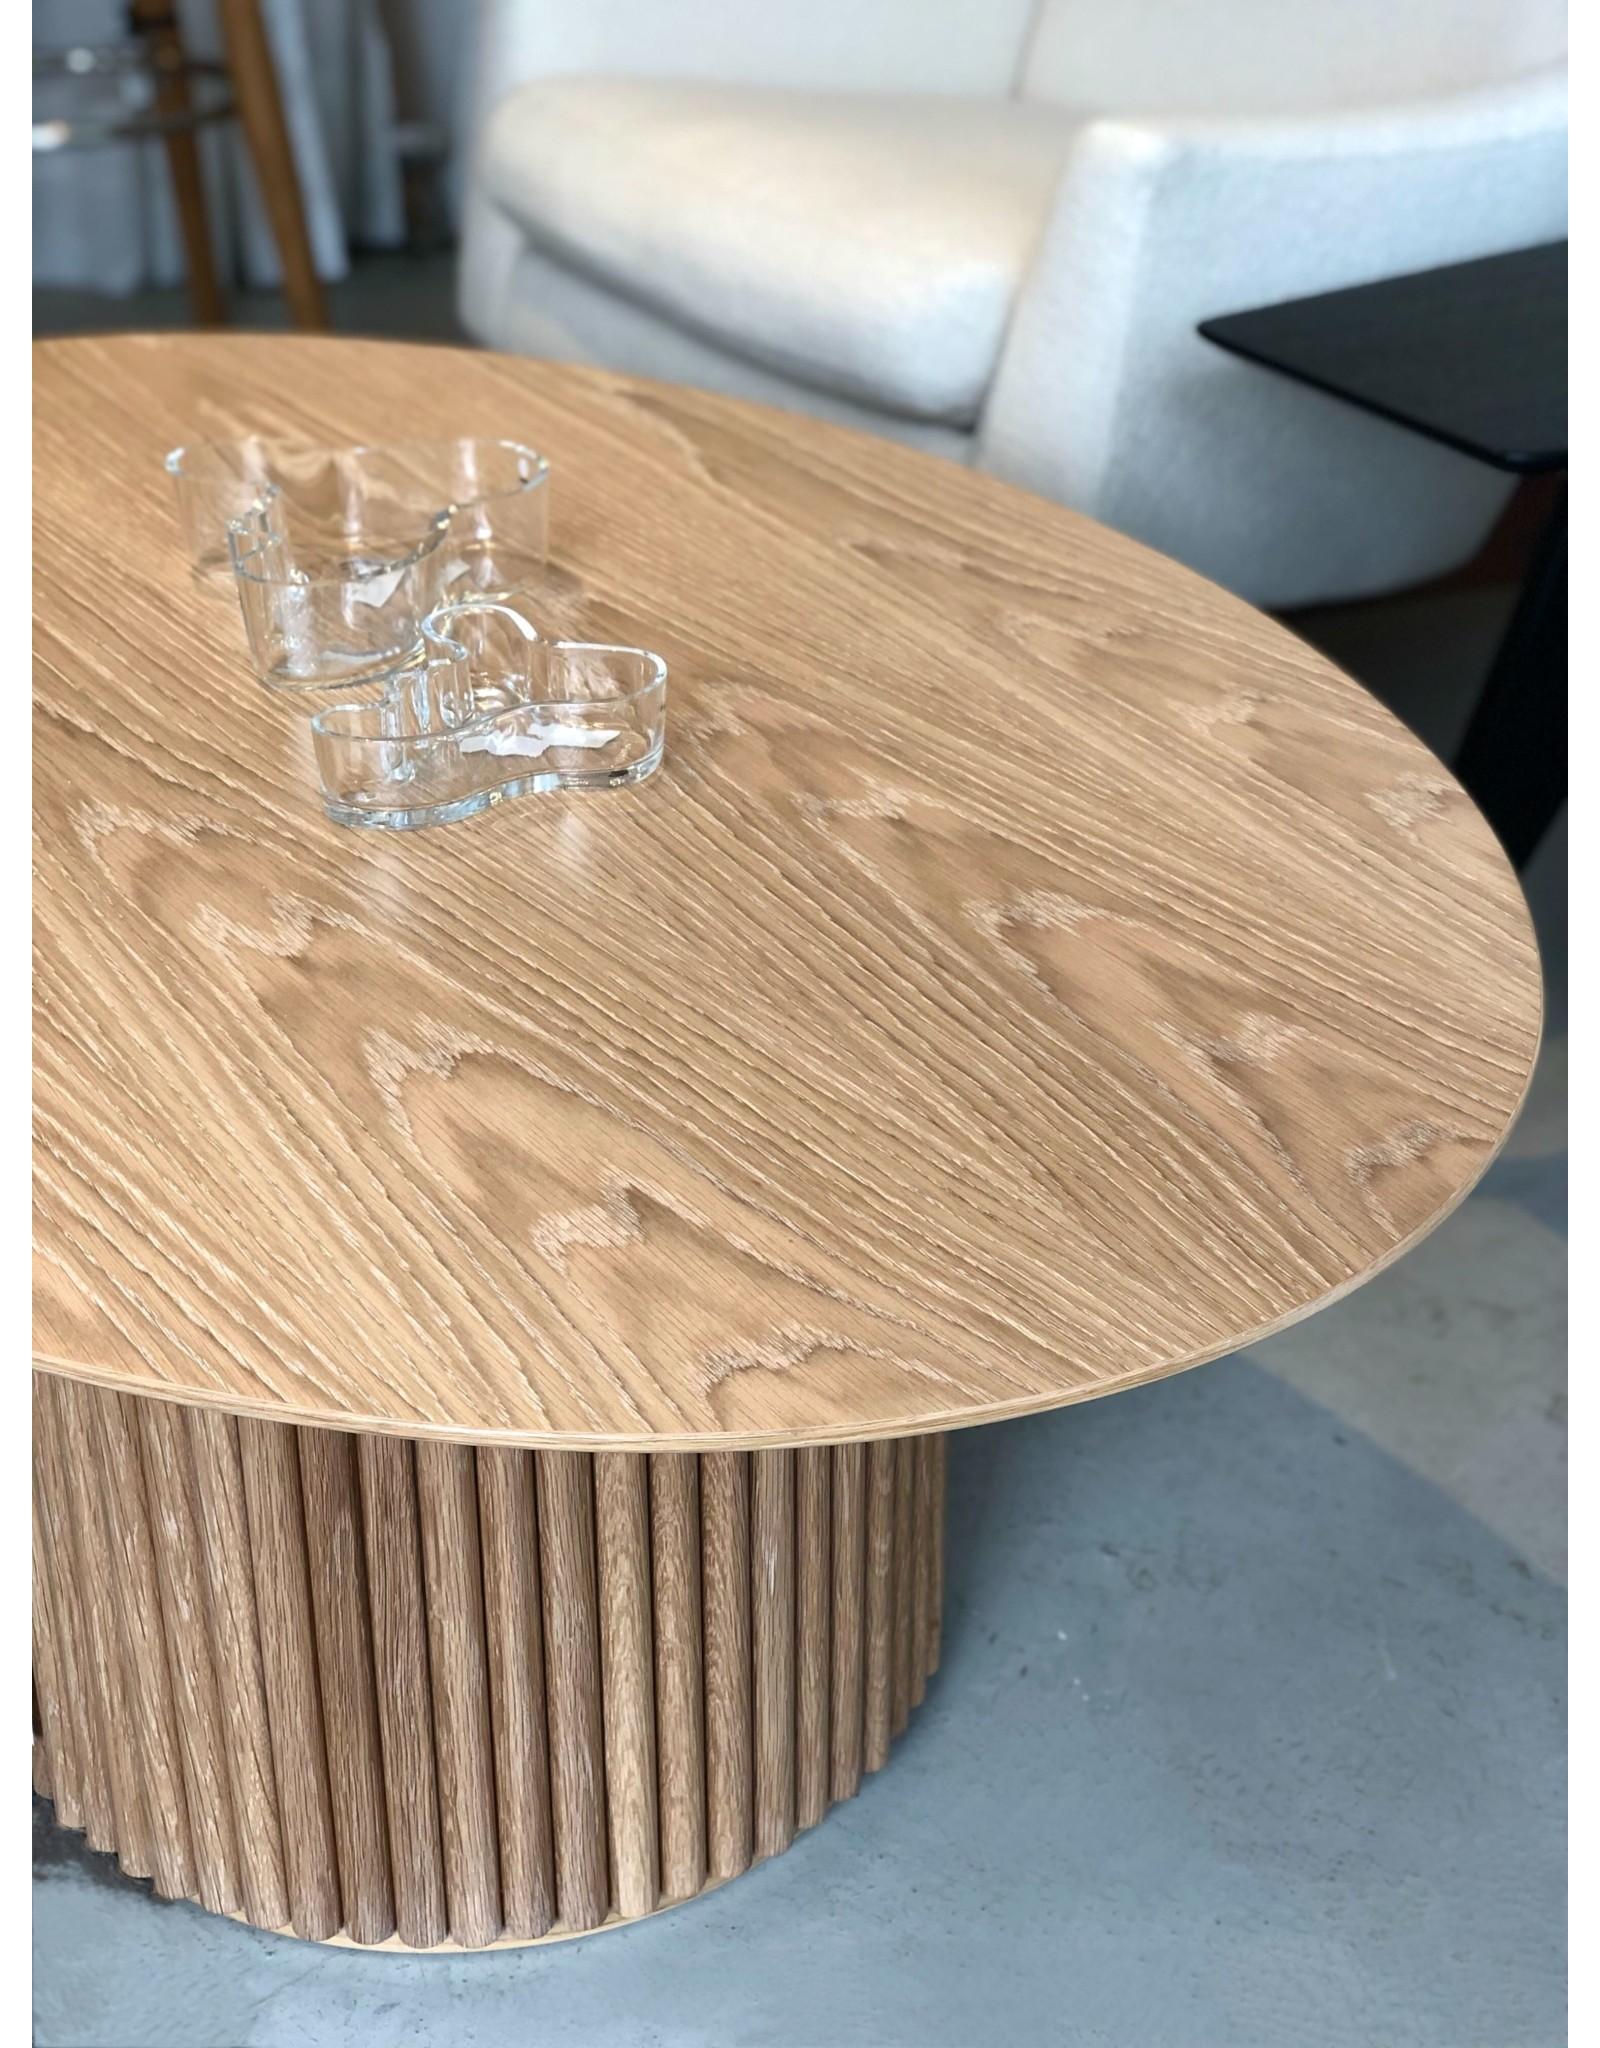 PALAIS OVALE COFFEE TABLE